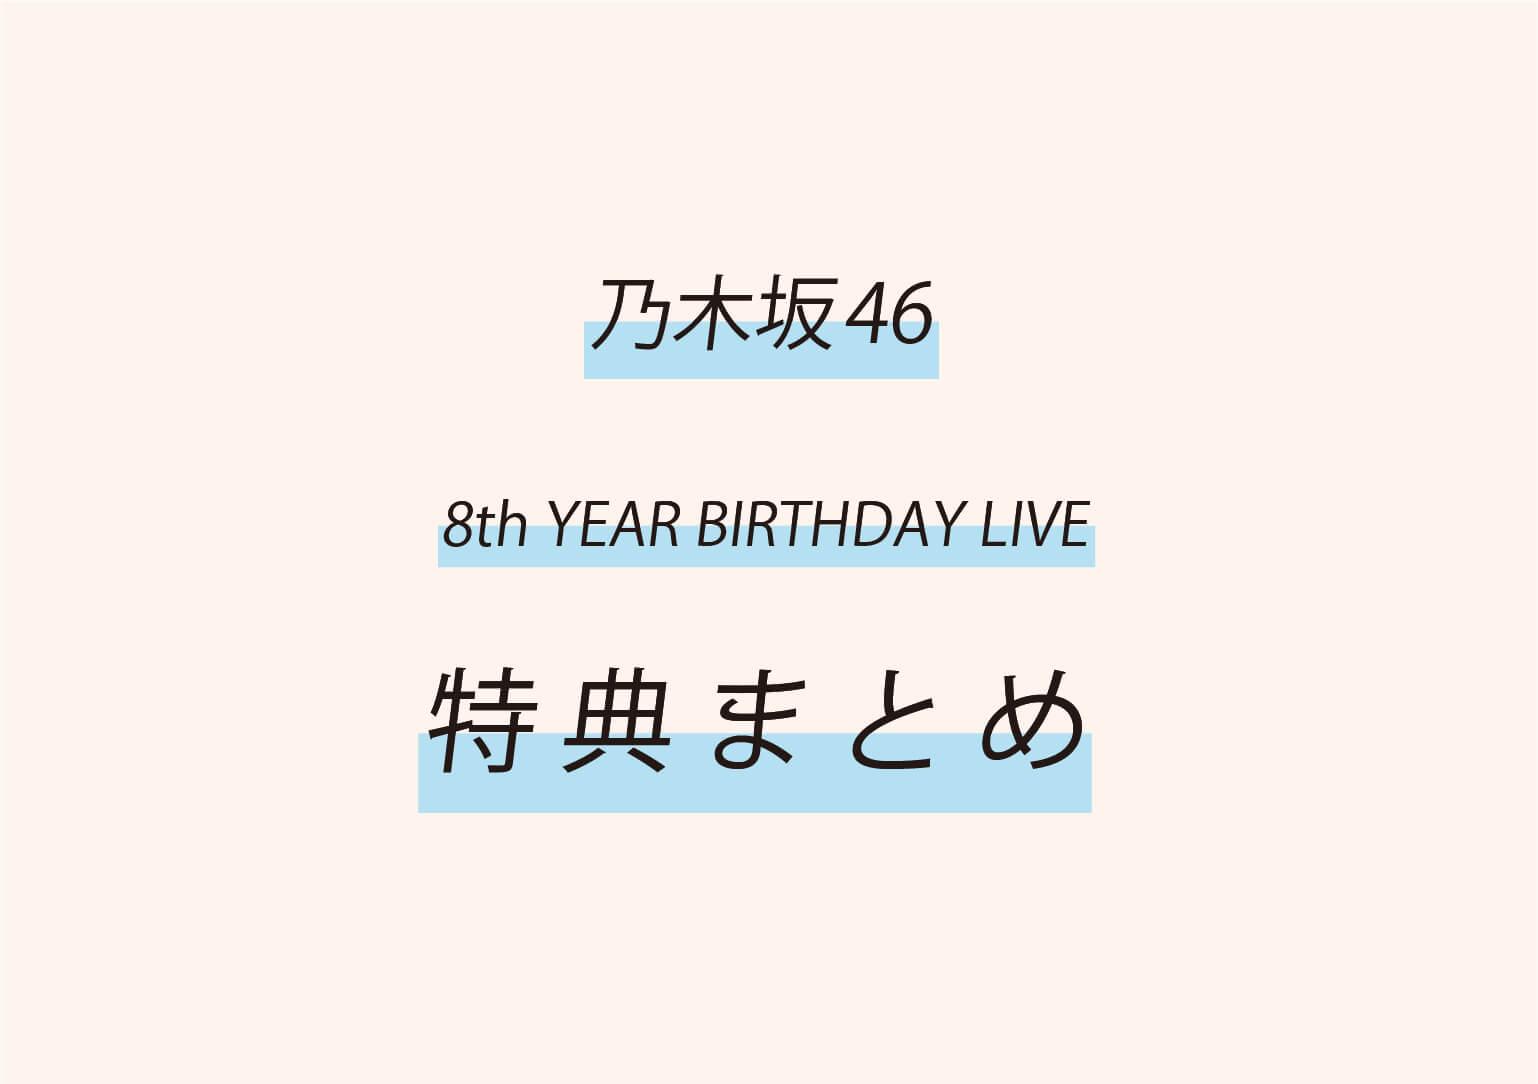 超解説!8th YEAR BIRTHDAY LIVE 特典 鬼のまとめ【乃木坂46】